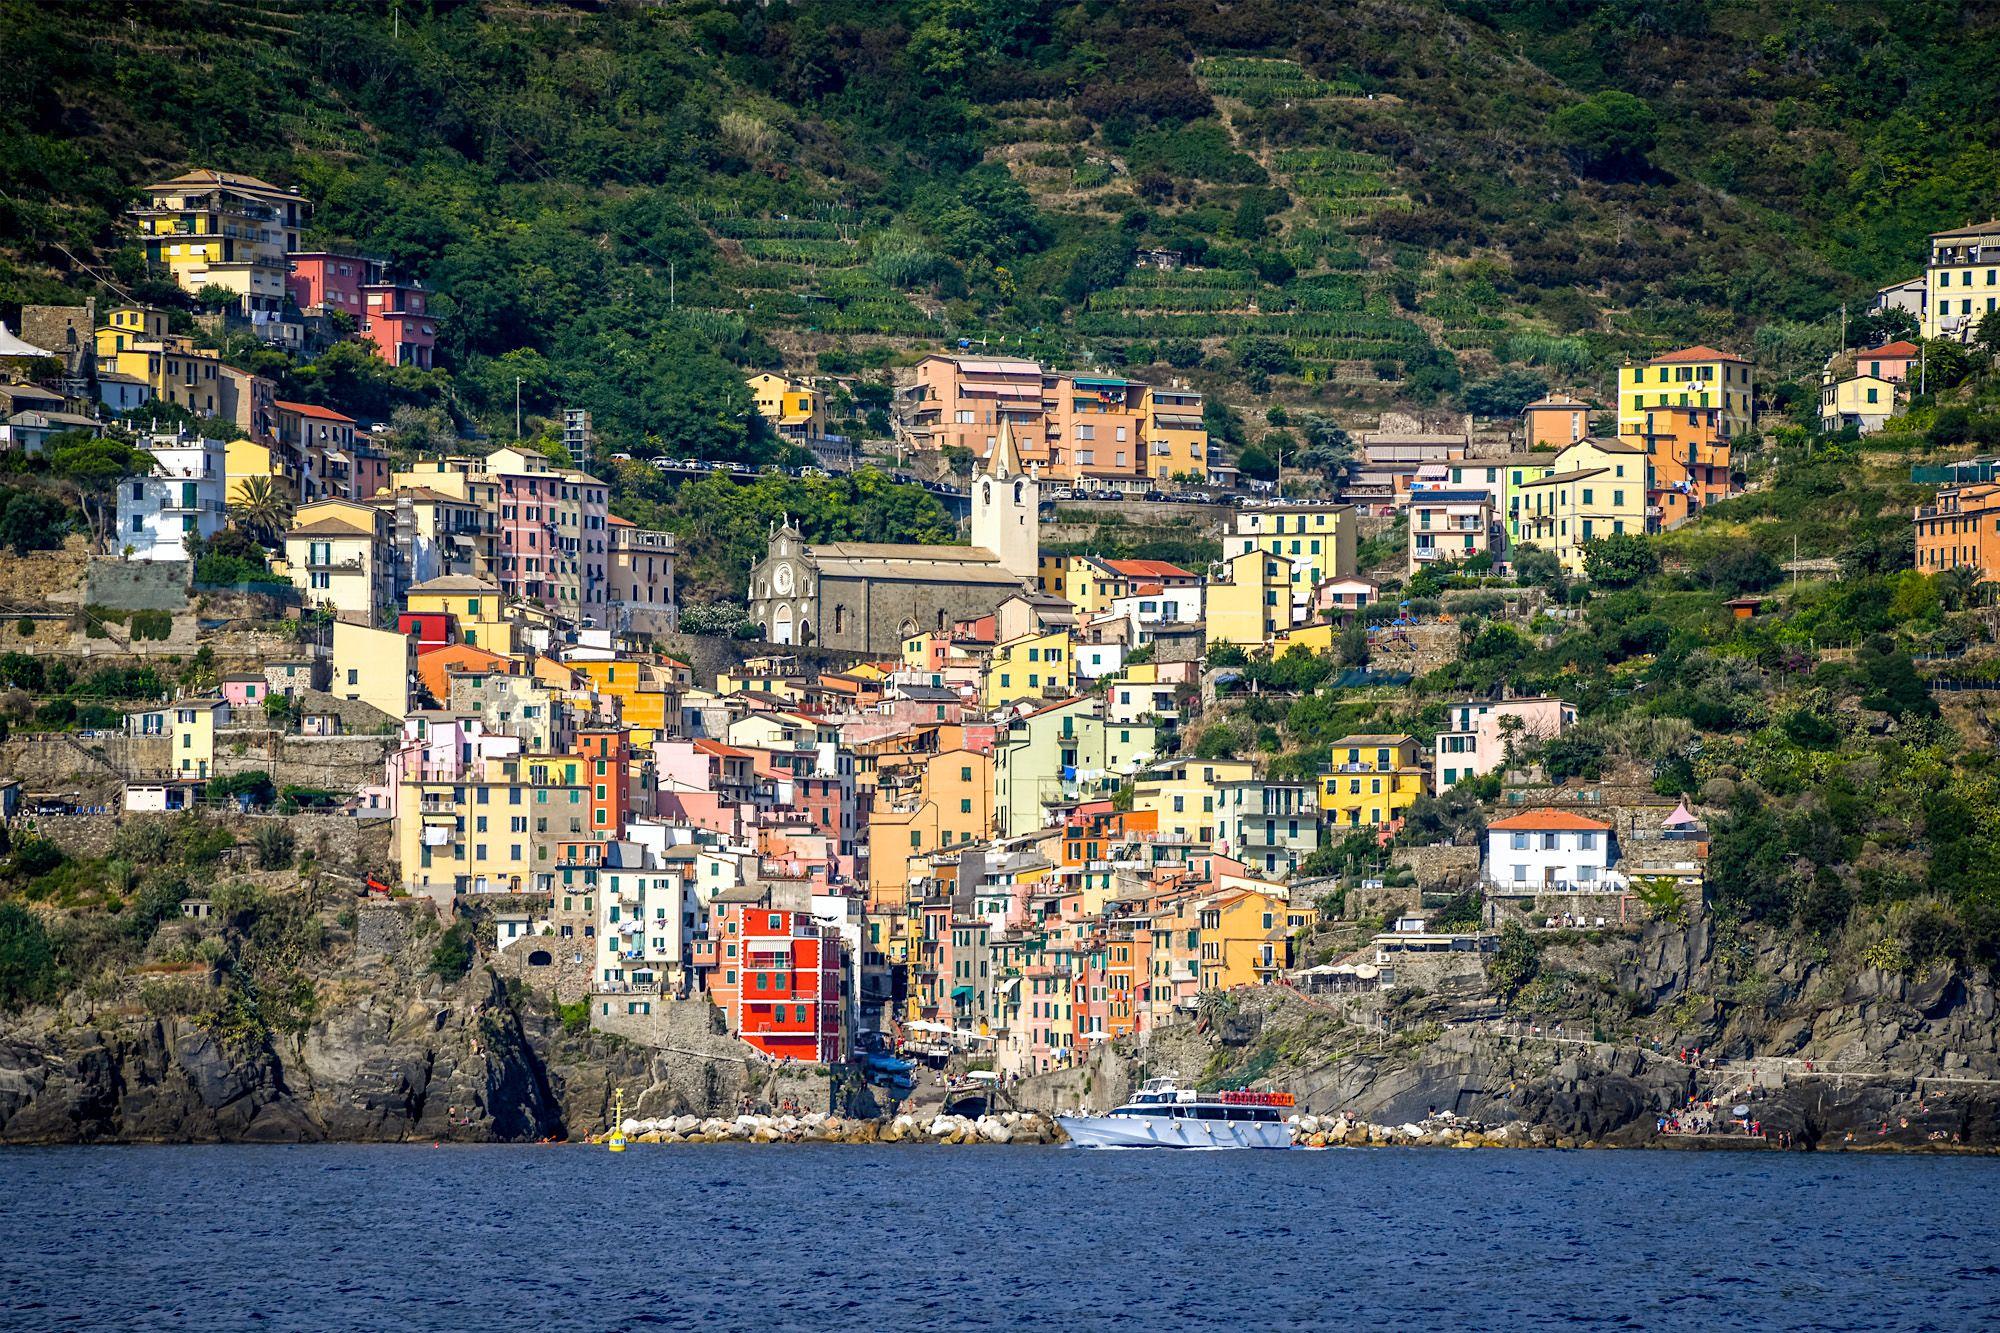 Cesare Charter Portofino - Tour Cinque Terre, Riomaggiore